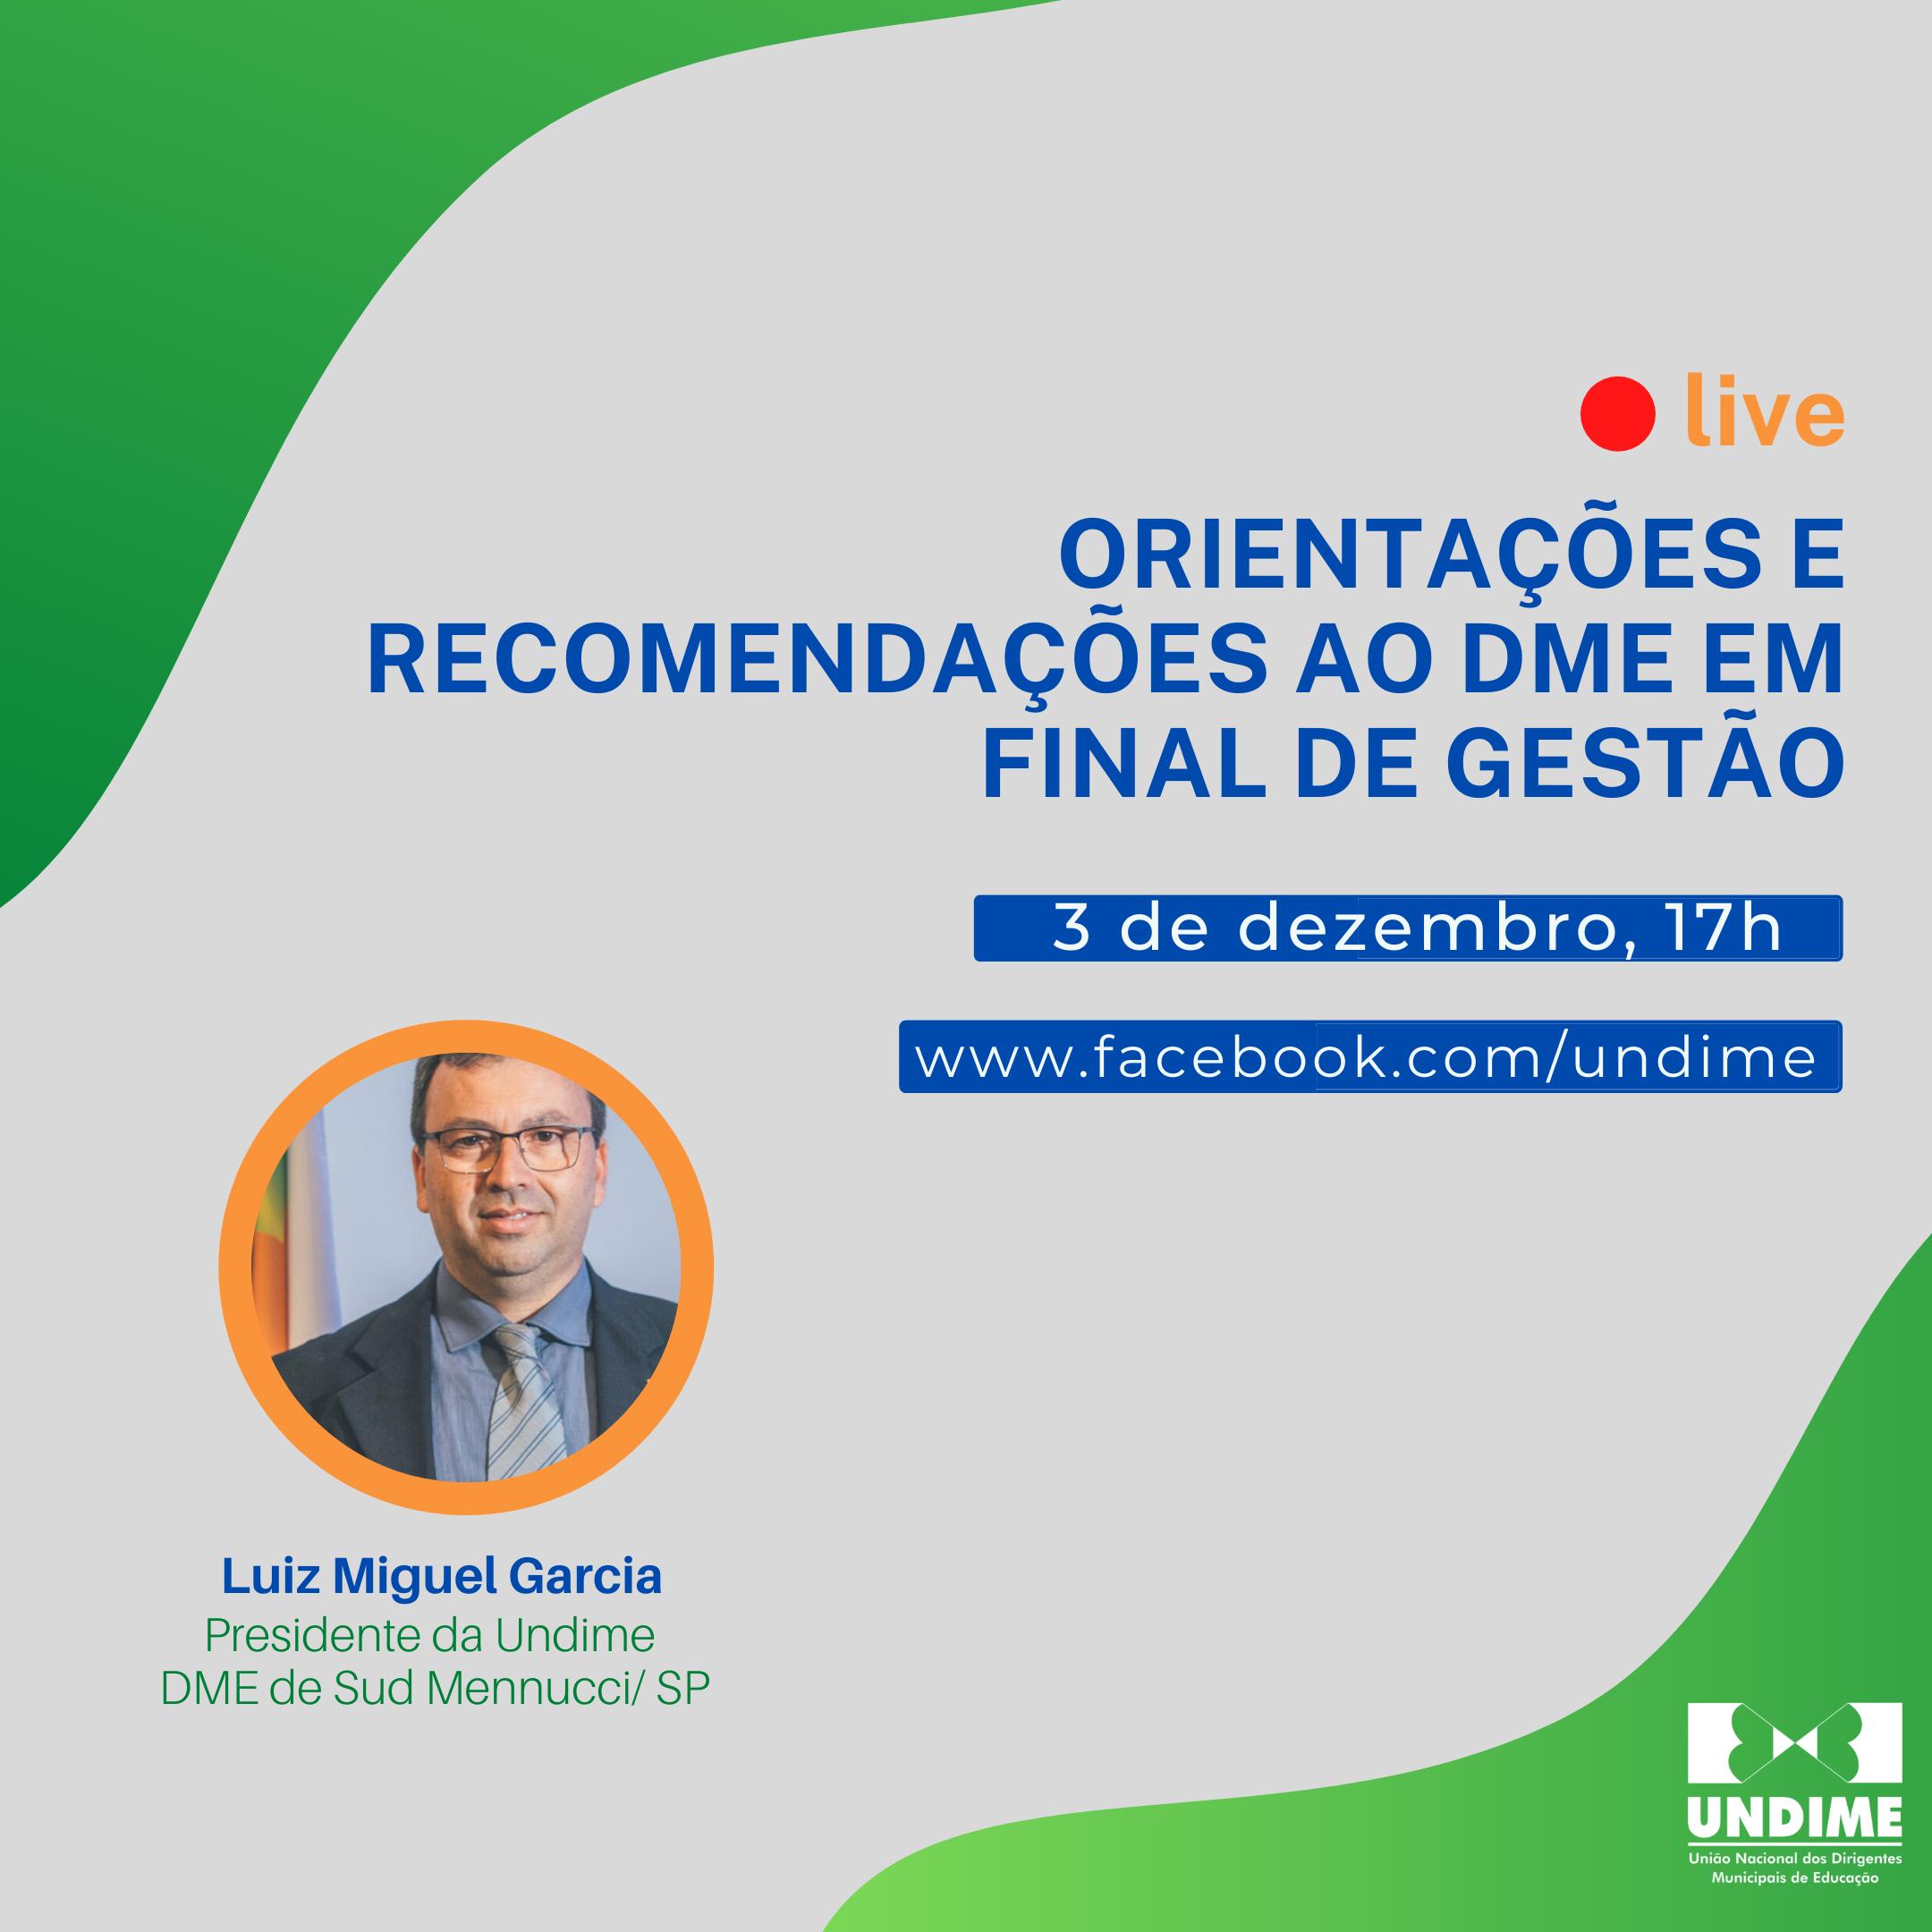 Undime realiza live sobre orientações e recomendações aos dirigentes em final de gestão